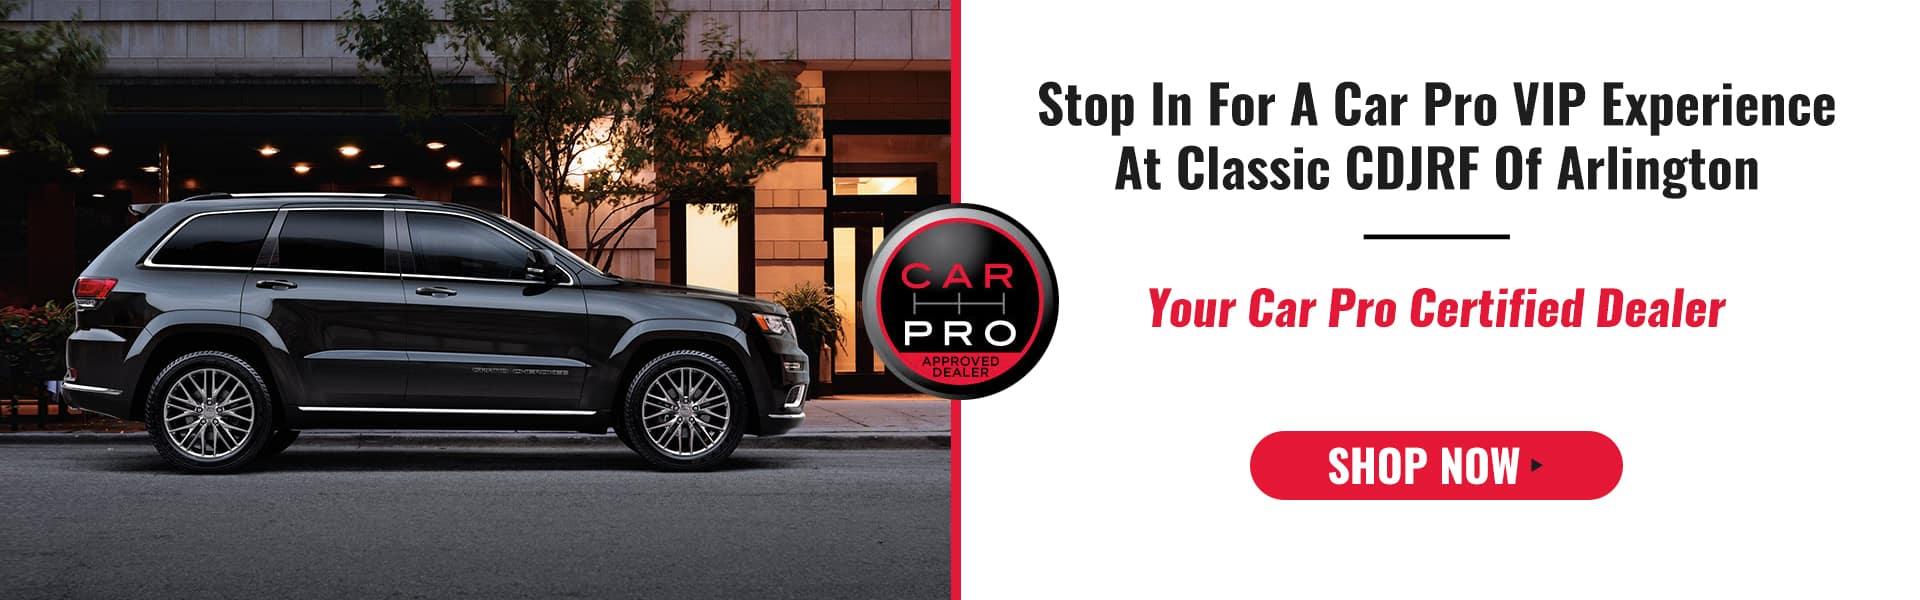 Car_Pro_Certified